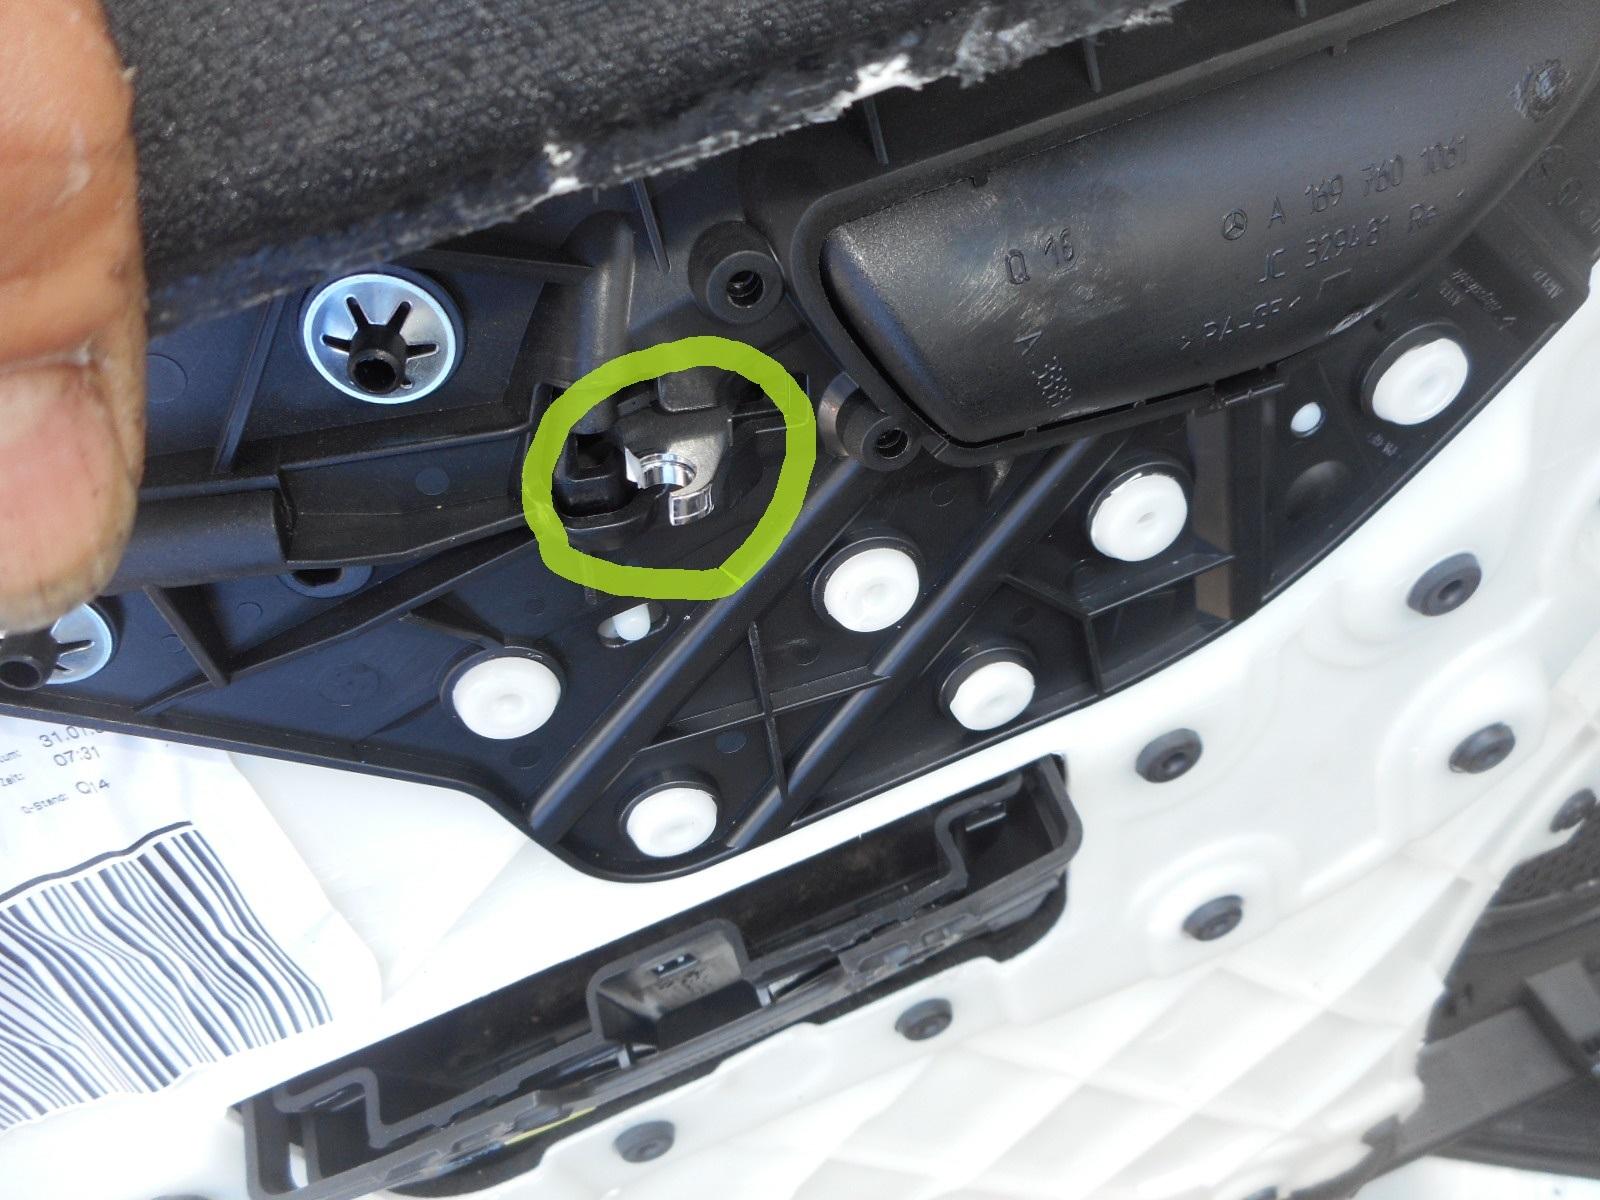 メルセデス・ベンツ Bクラス(W245) 運転席ドアが開かない 整備 (インナーハンドル交換)_c0267693_17252414.jpg